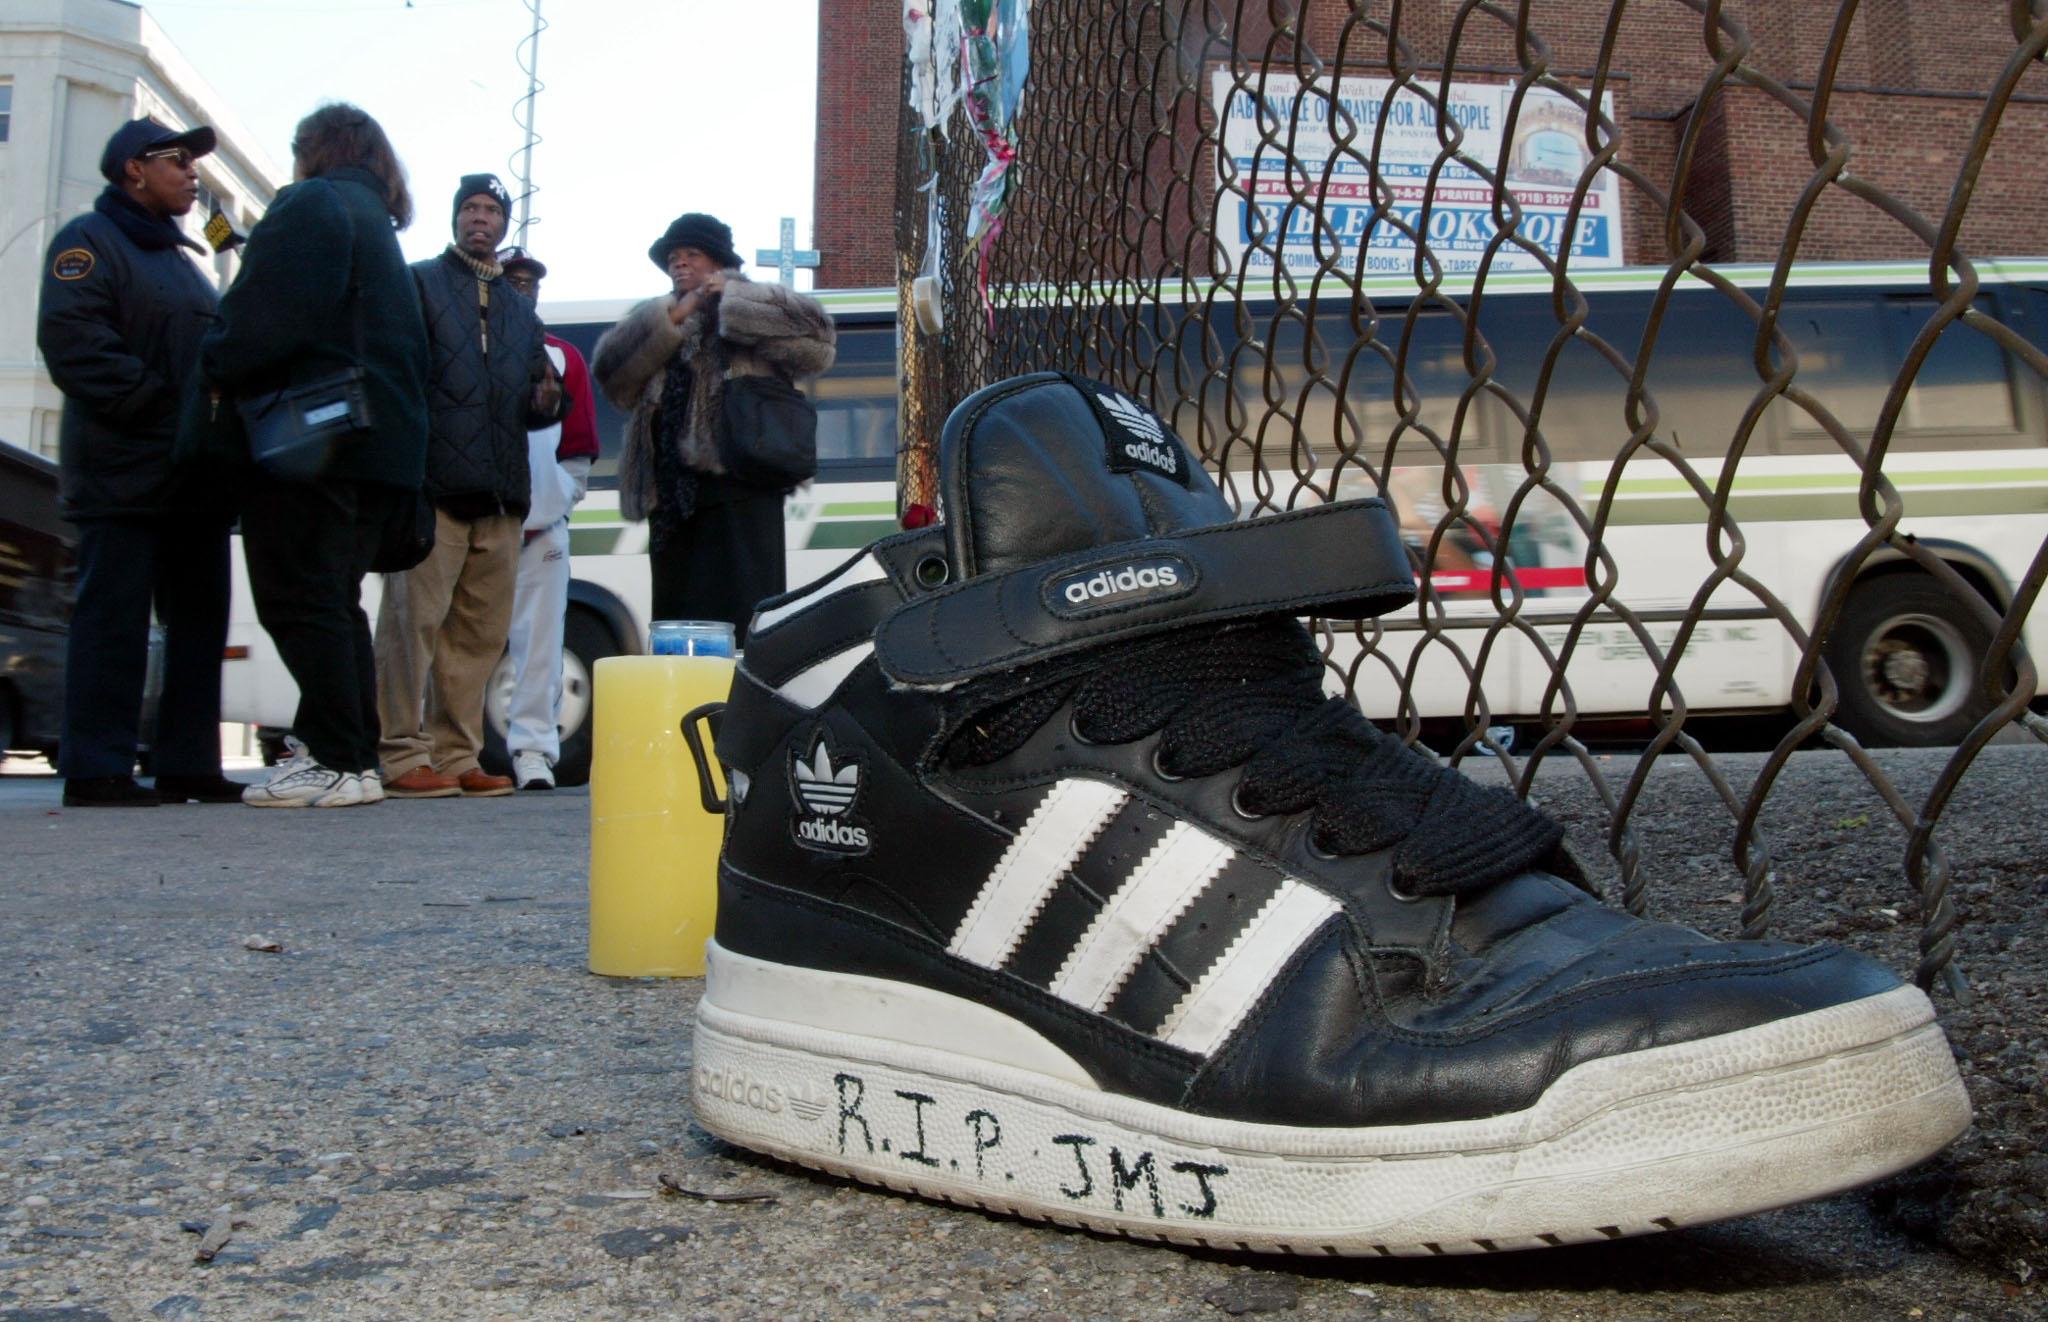 Αφιέρωση σε sneaker adidas για τη δολοφονία του ιδρυτικού μέλους των RUN DMC, Jason Mizell aka DJ Jam Master Jay